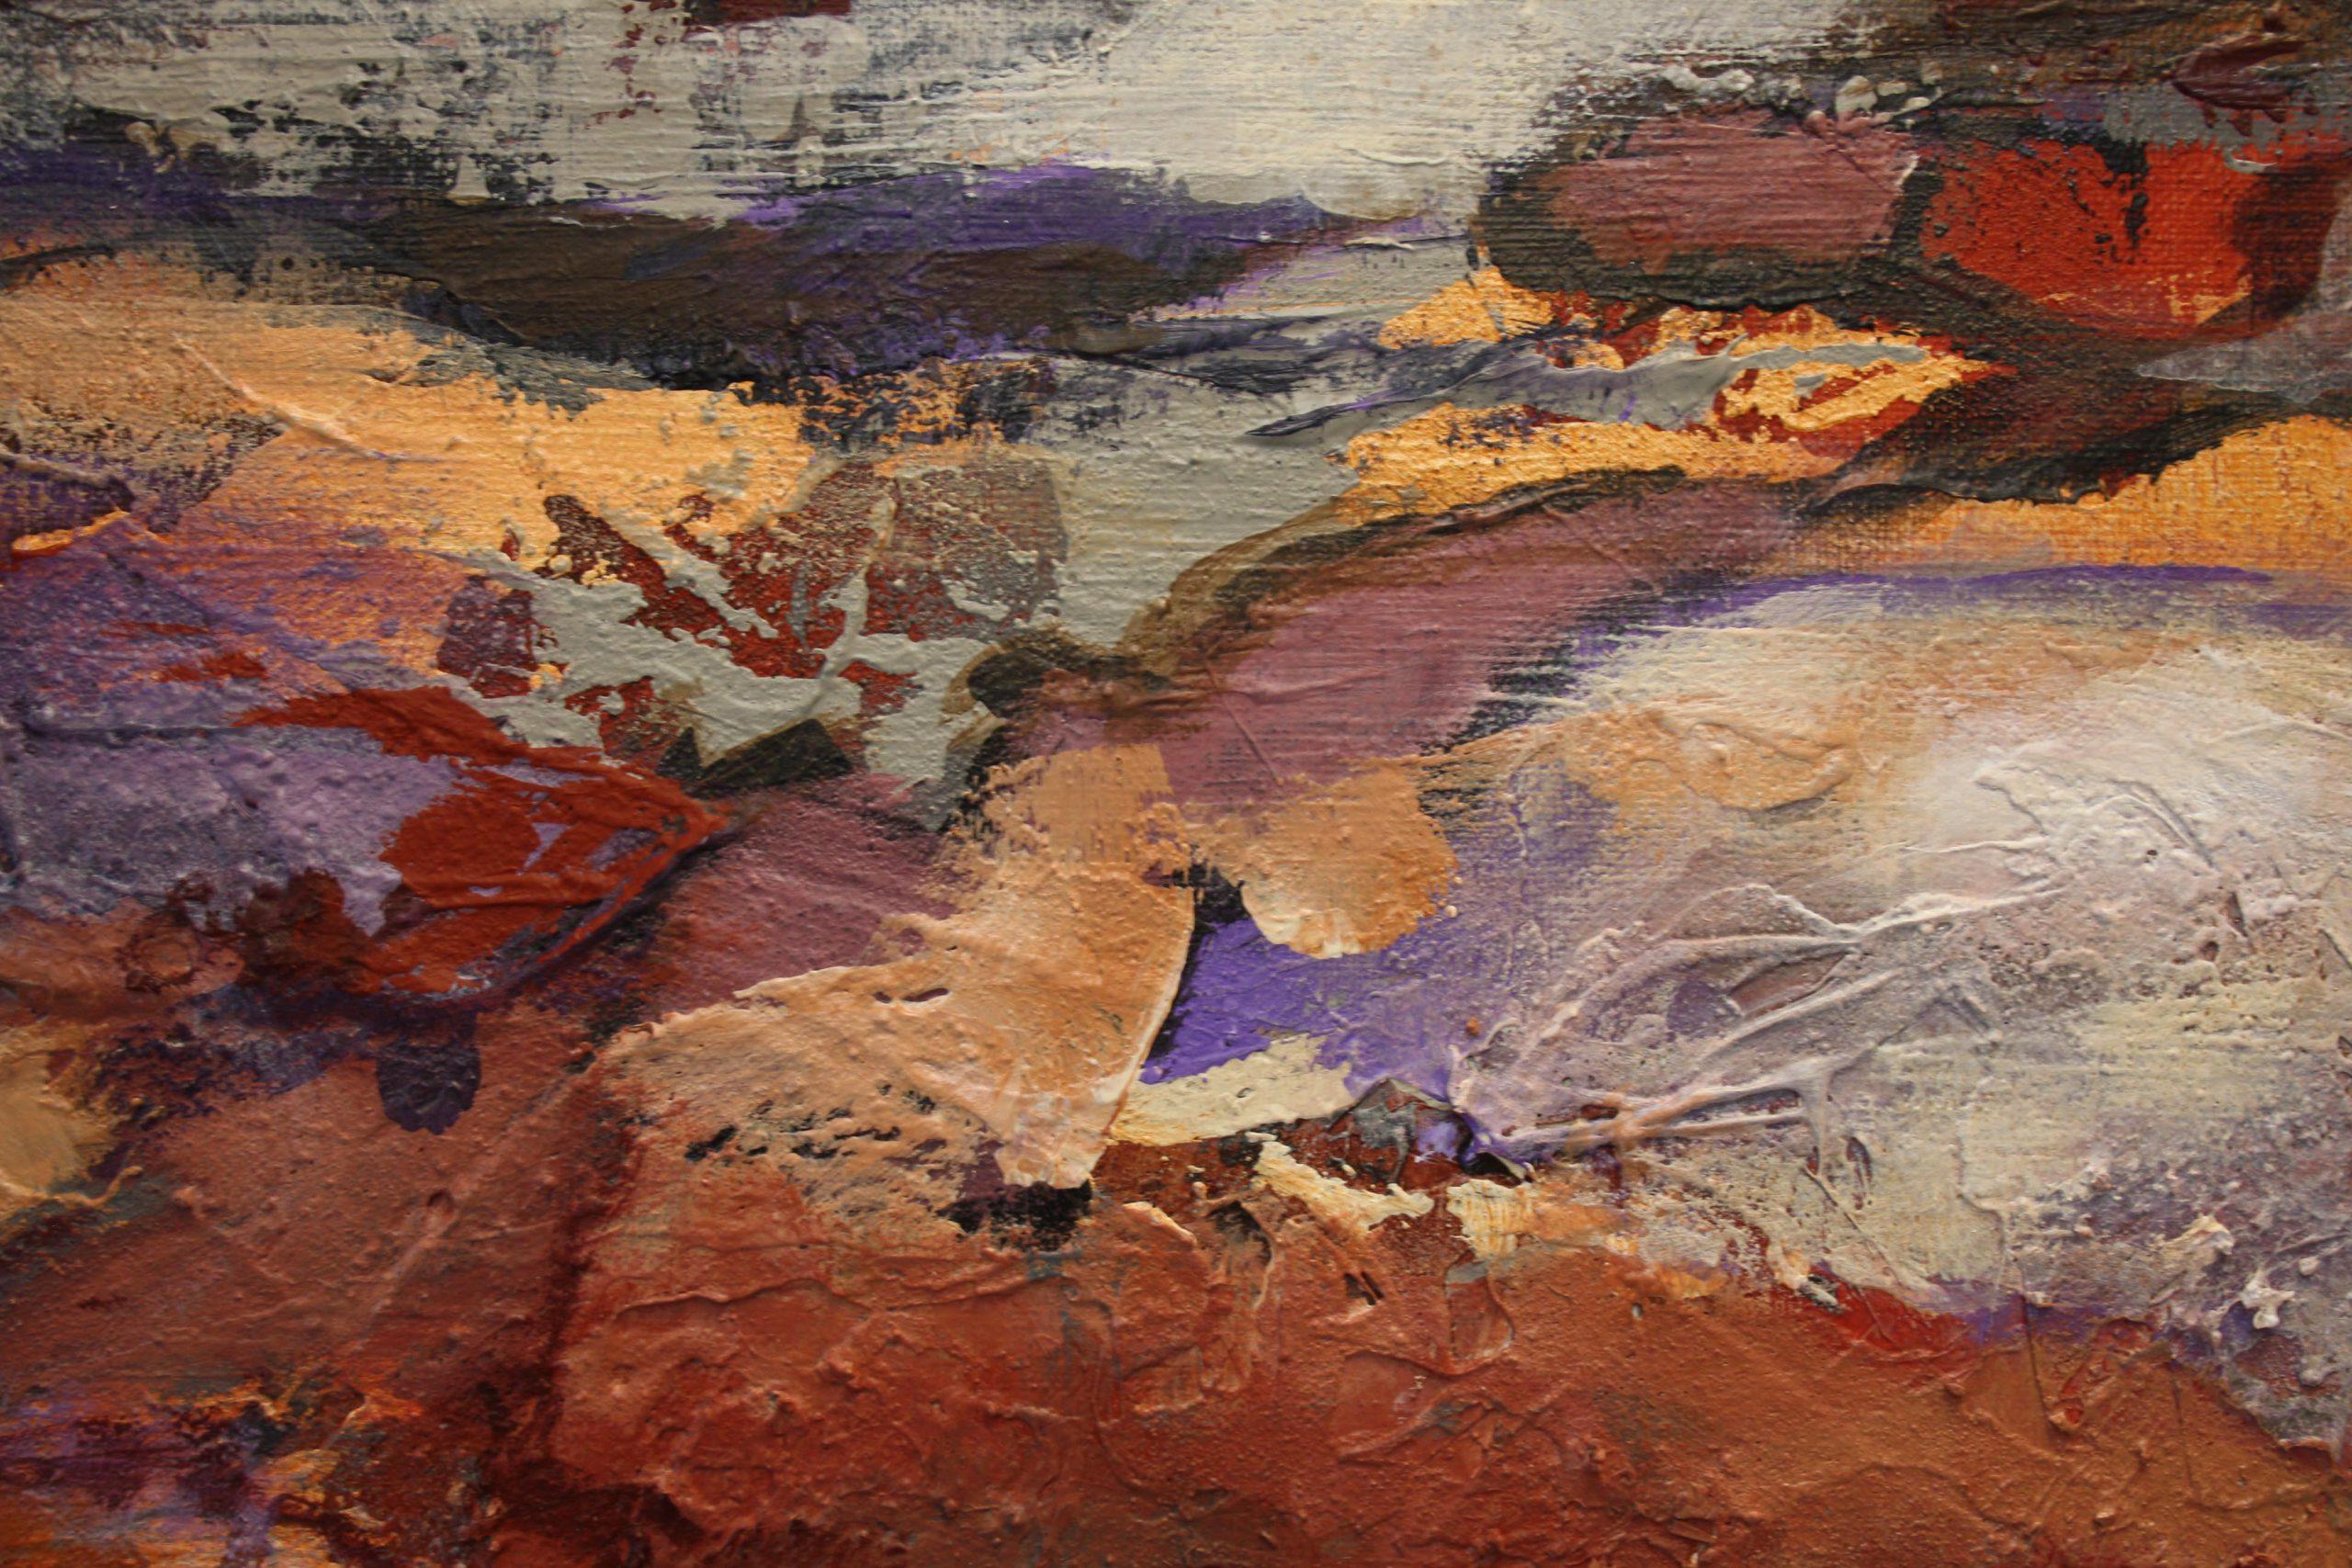 Kunst: Abstract landschap 2105 van kunstenaar Marly Freij(vergezichten)